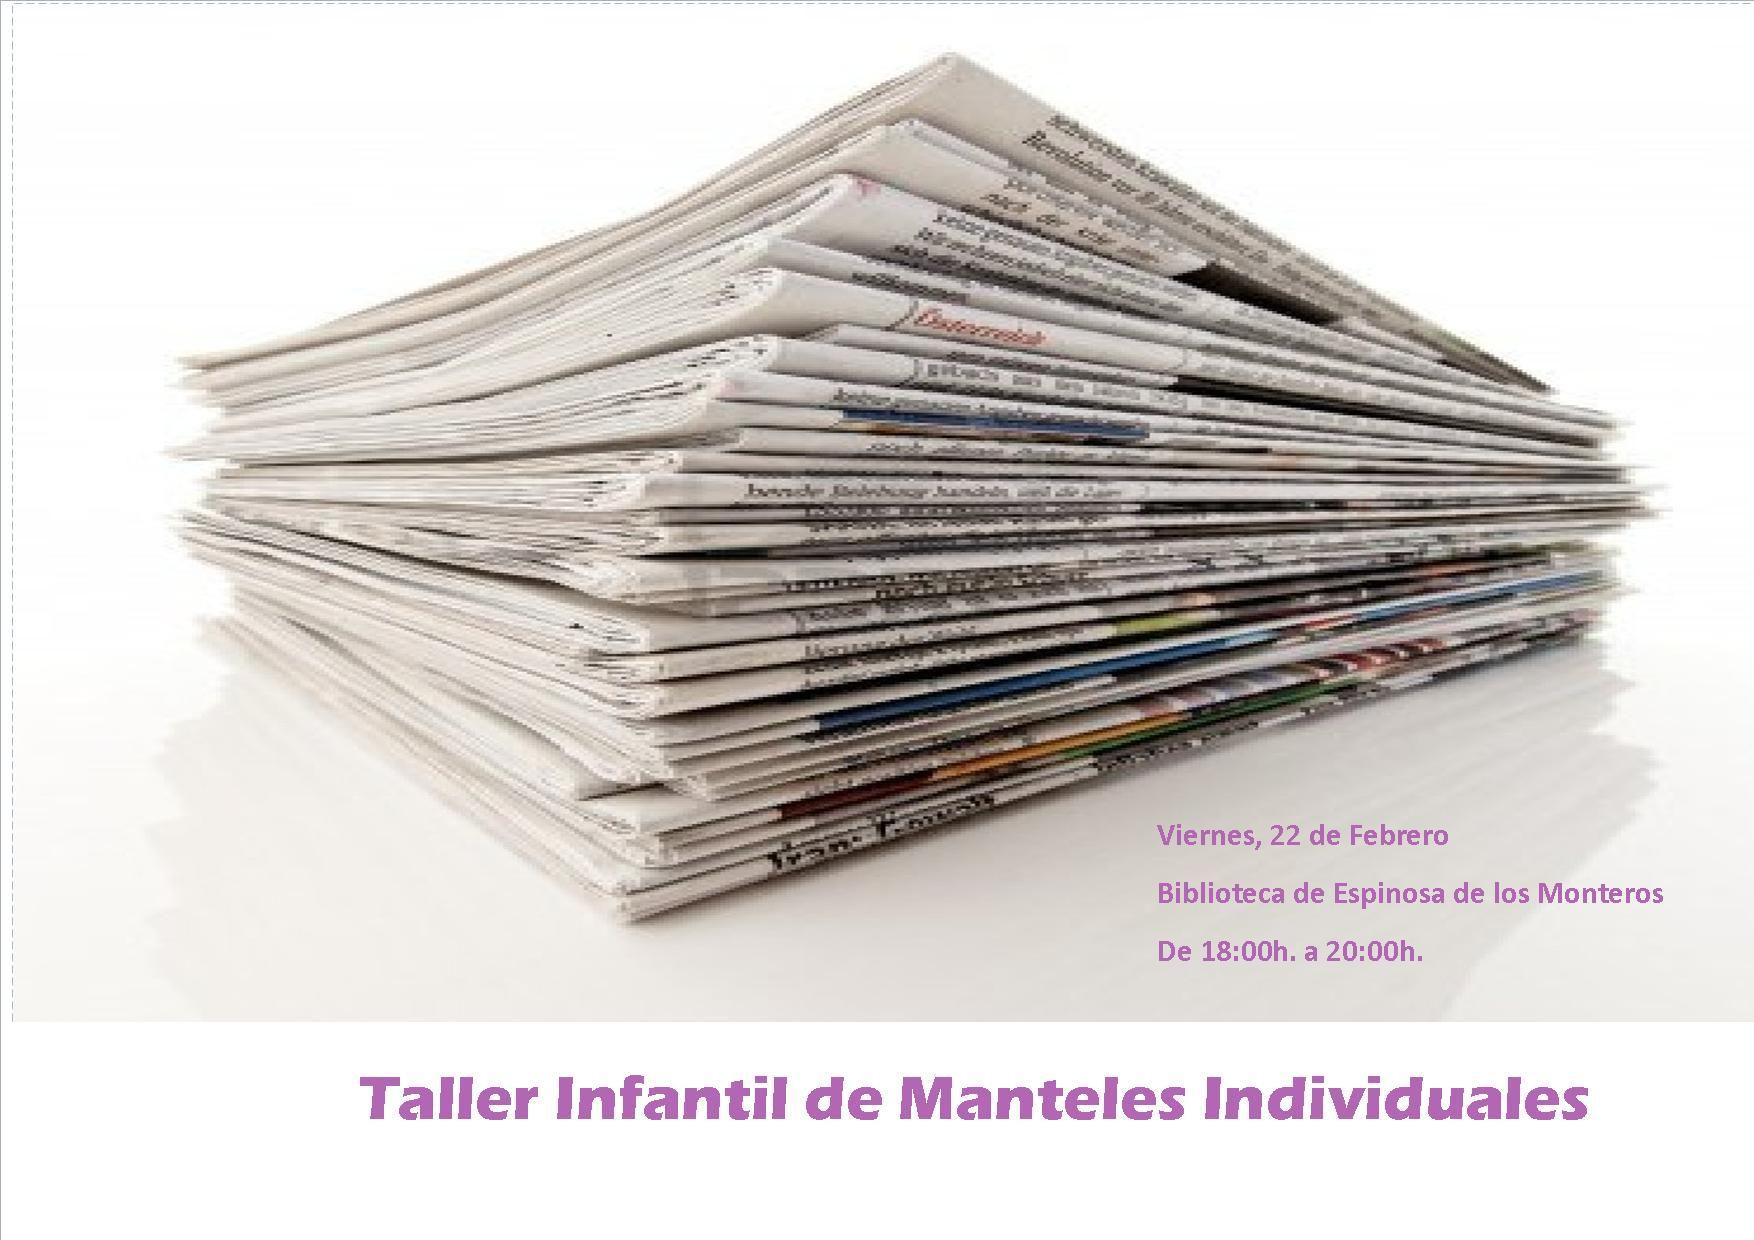 22/02 Espinosa de los Monteros. Taller infantil de Manteles individuales  18:00h- 20:00h Biblioteca Municipal  #Merindades